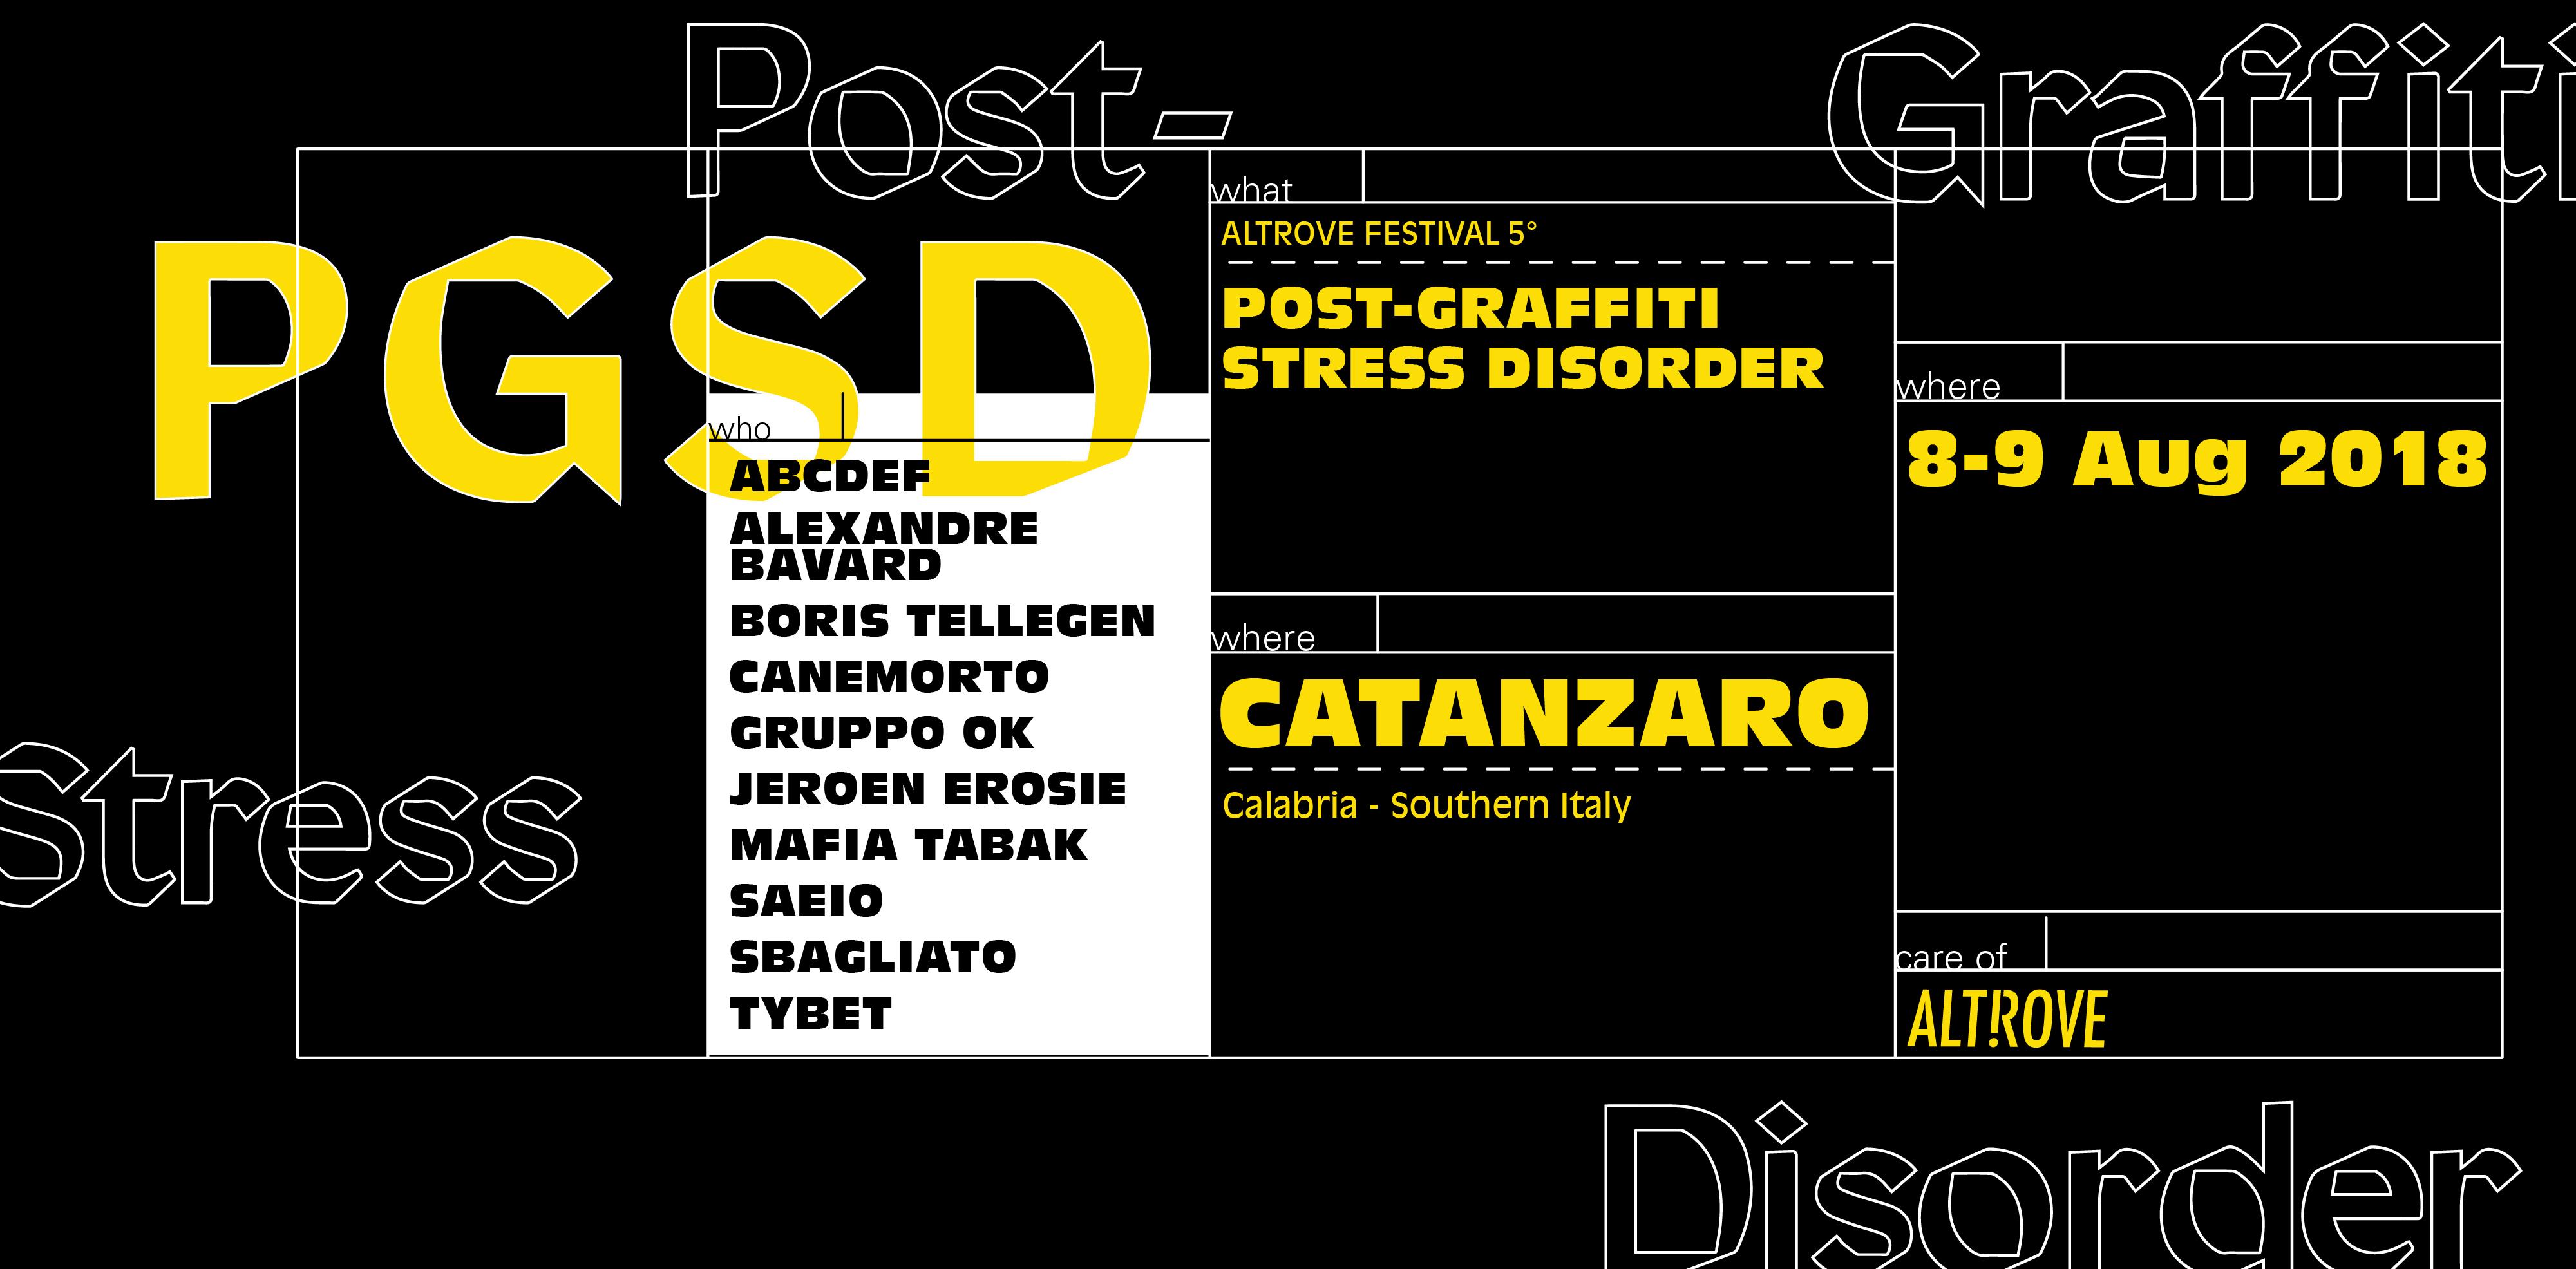 Post-Graffiti Stress Disorder, tutto pronto per la 5a edizione di Altrove Festival   Collater.al 3